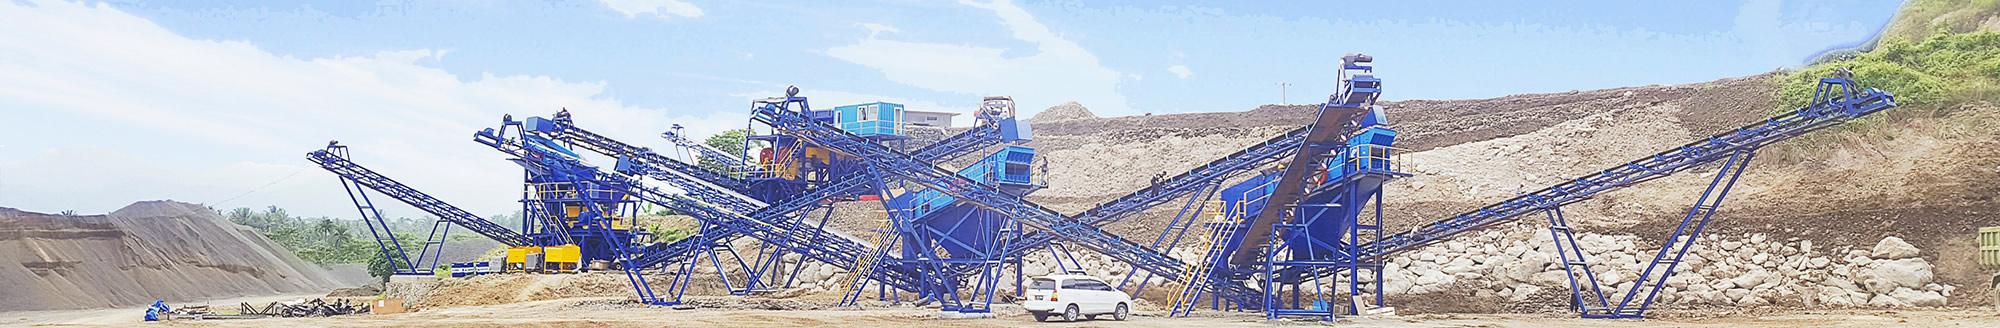 矿山机械解决方案